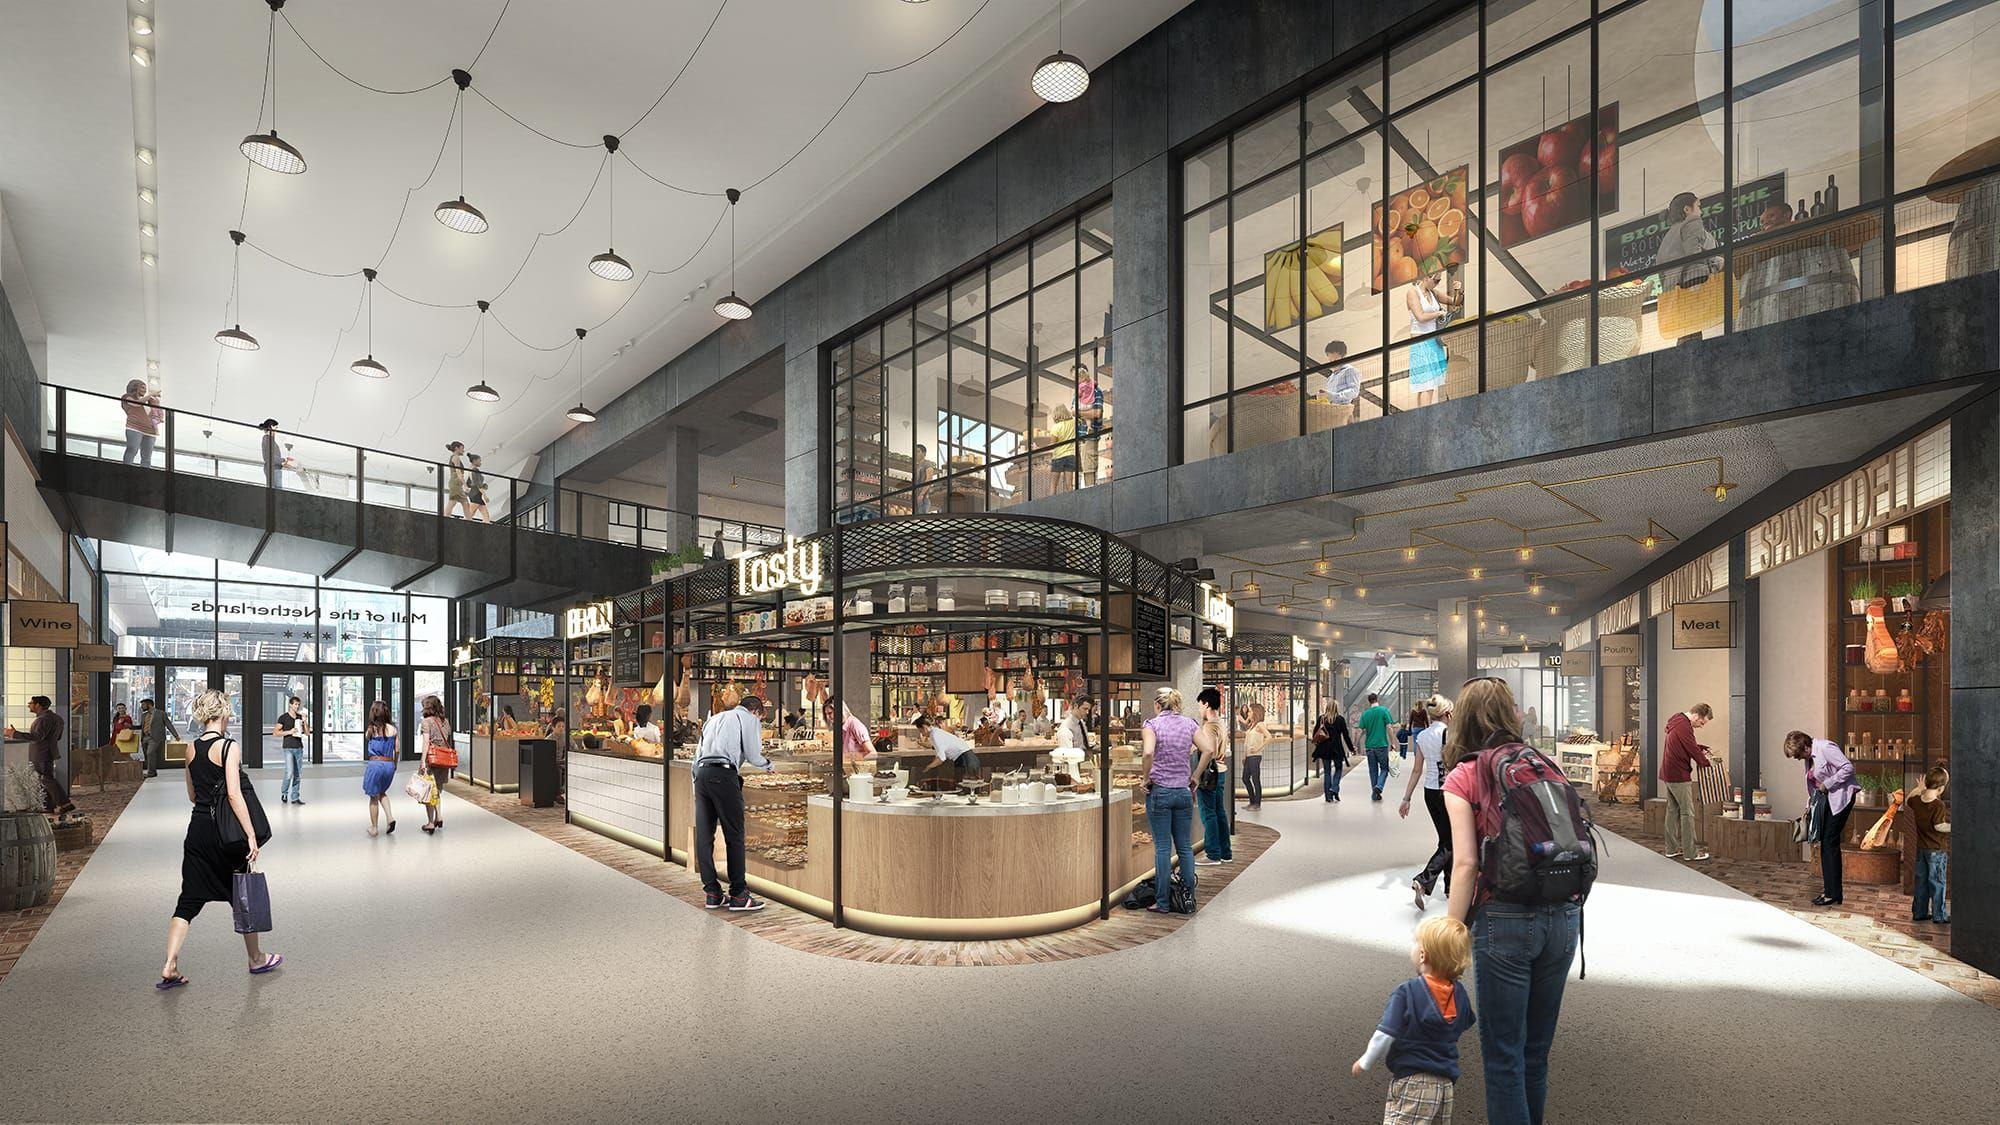 Shop front design mall design retail design mall facade retail facade